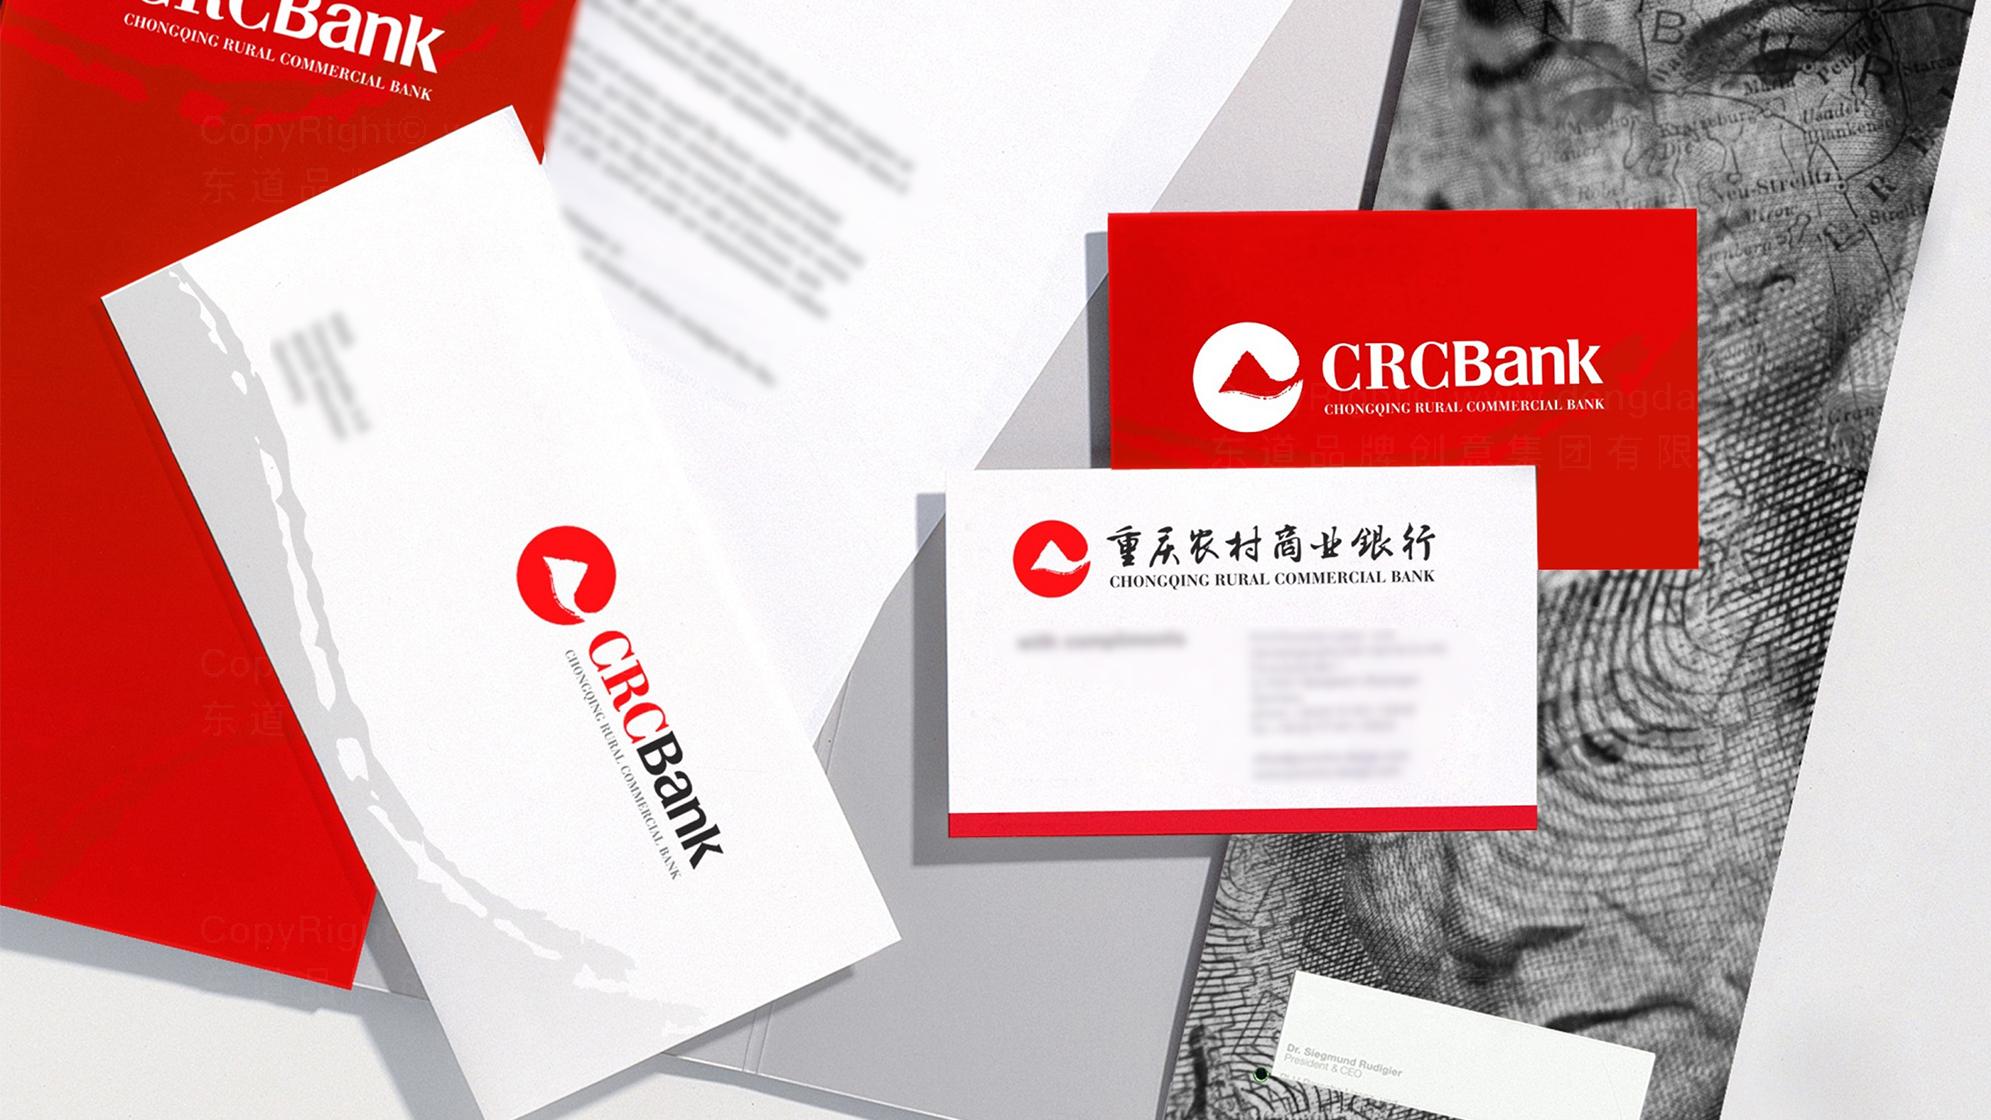 品牌设计重庆农村商业银行LOGO&VI设计应用场景